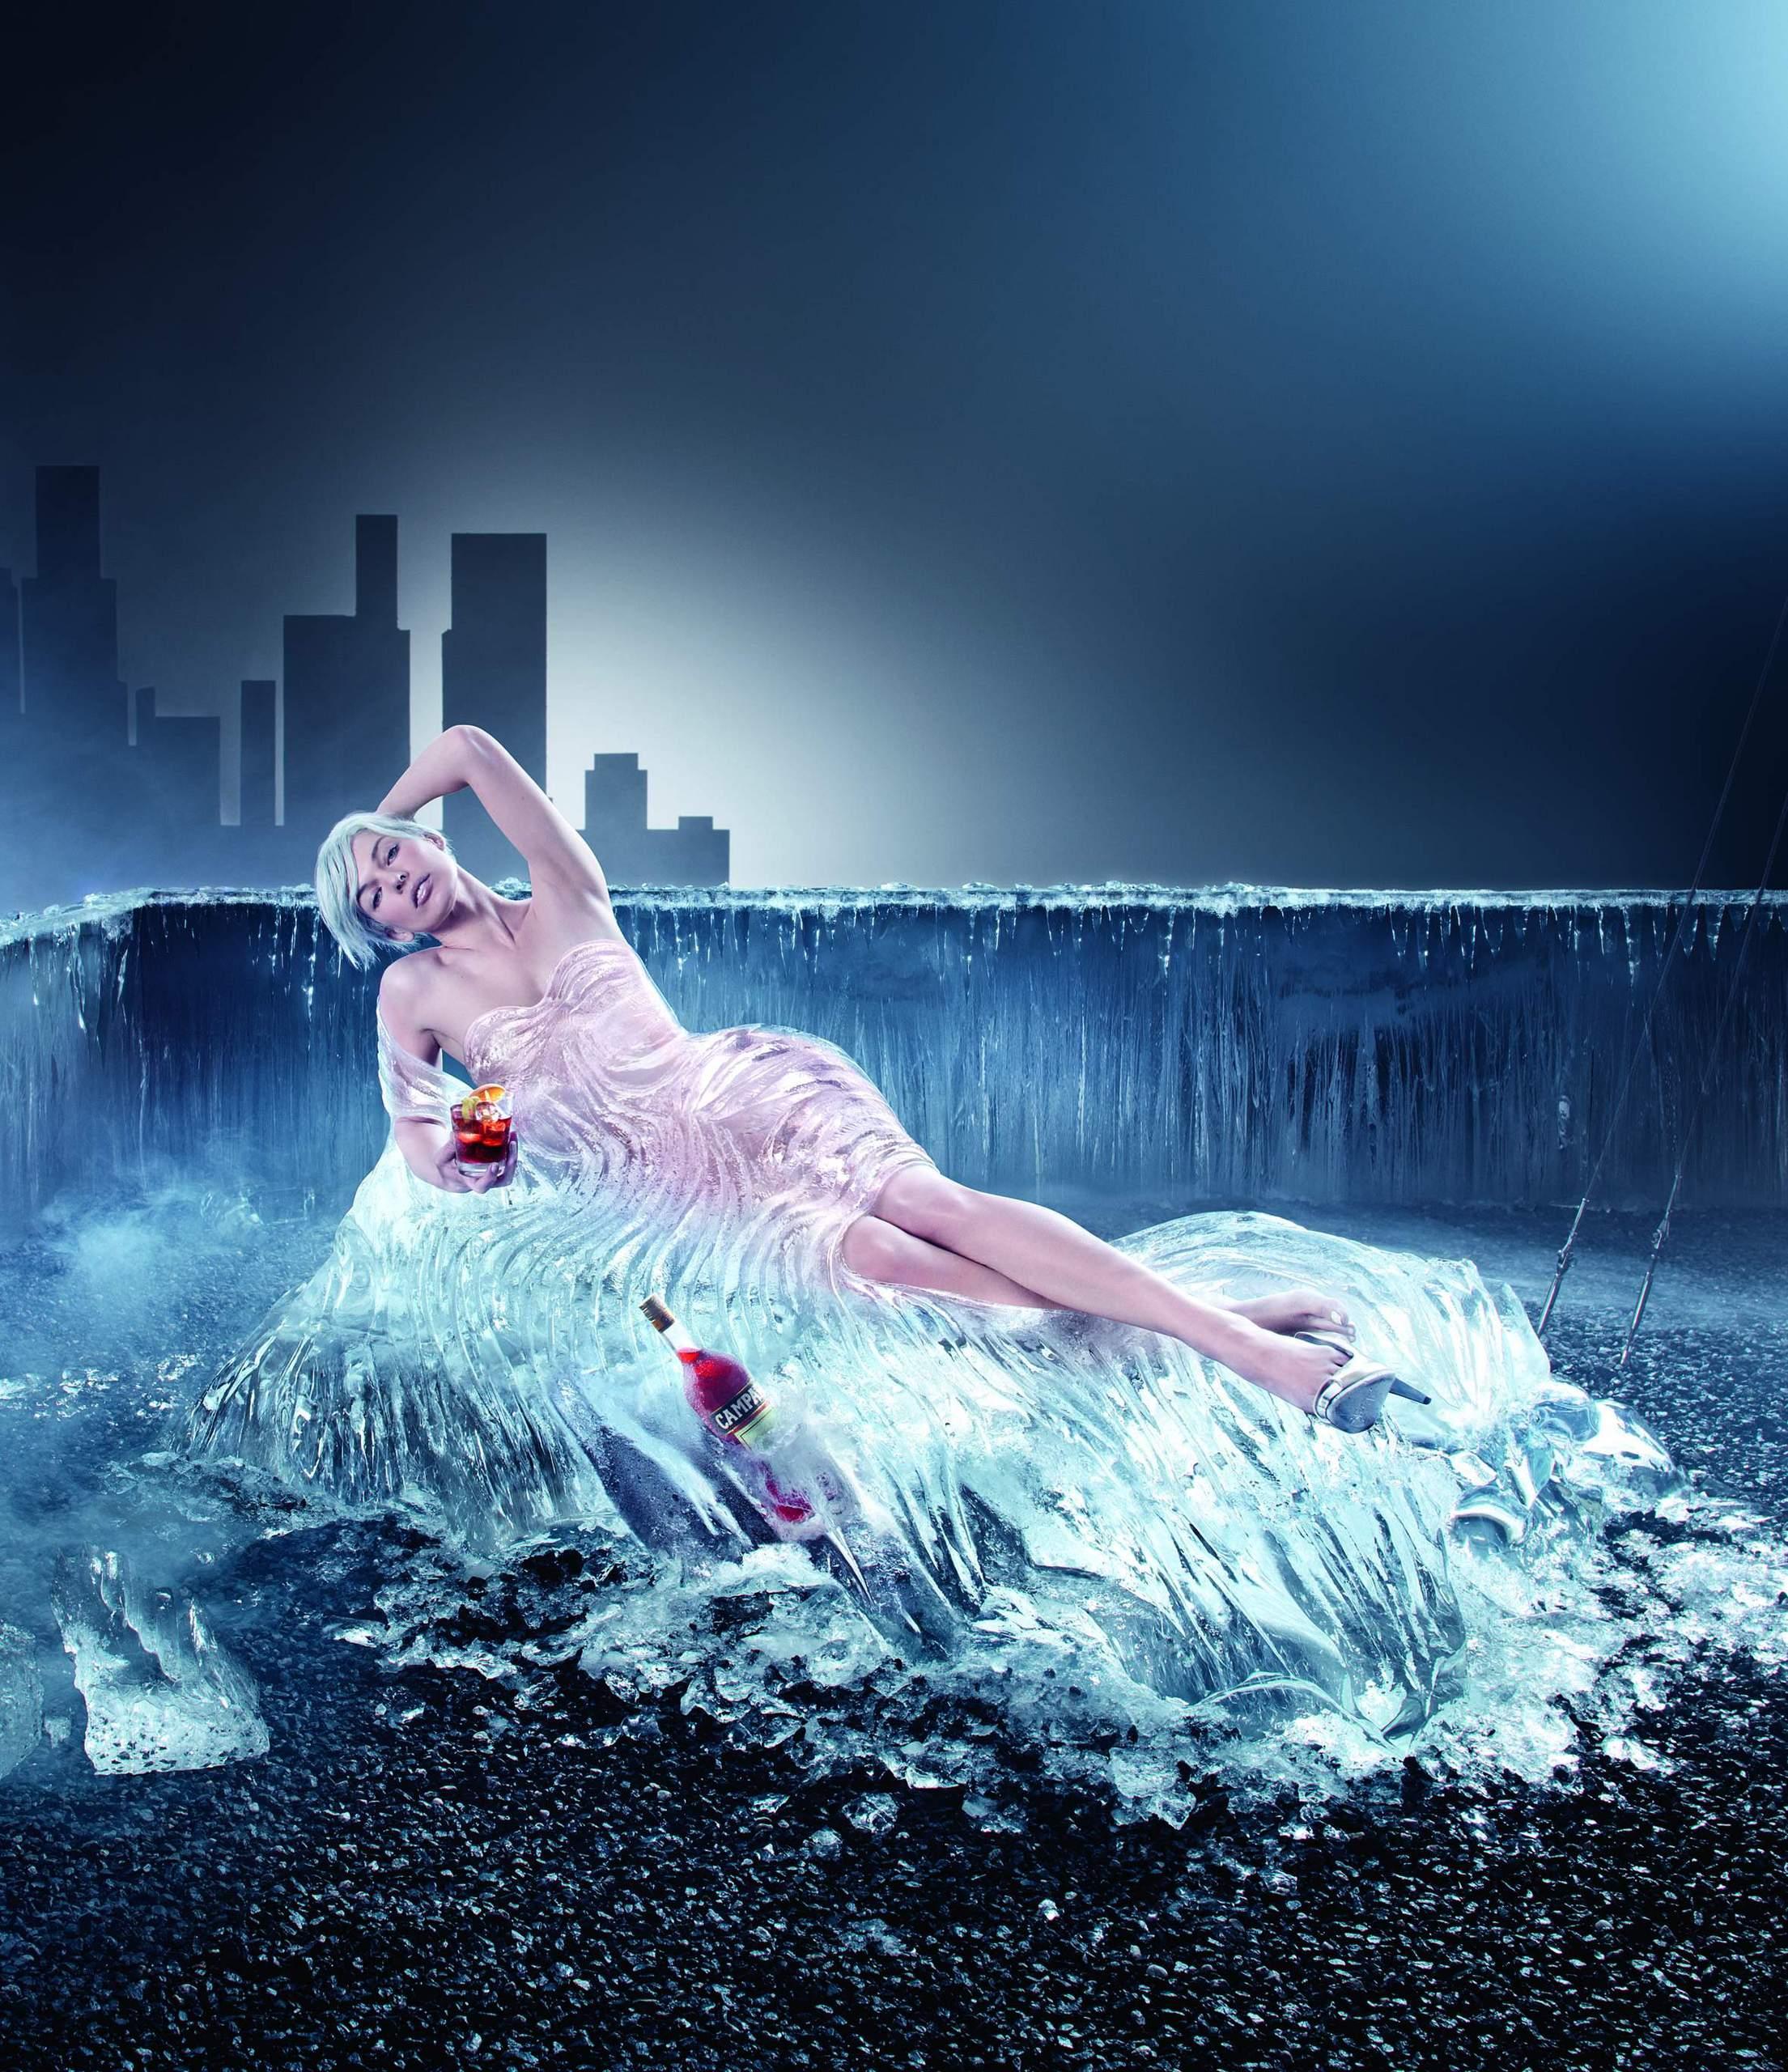 Campari Calendar 2012 ... Milla Jovovich Photo 2006 Fanpop